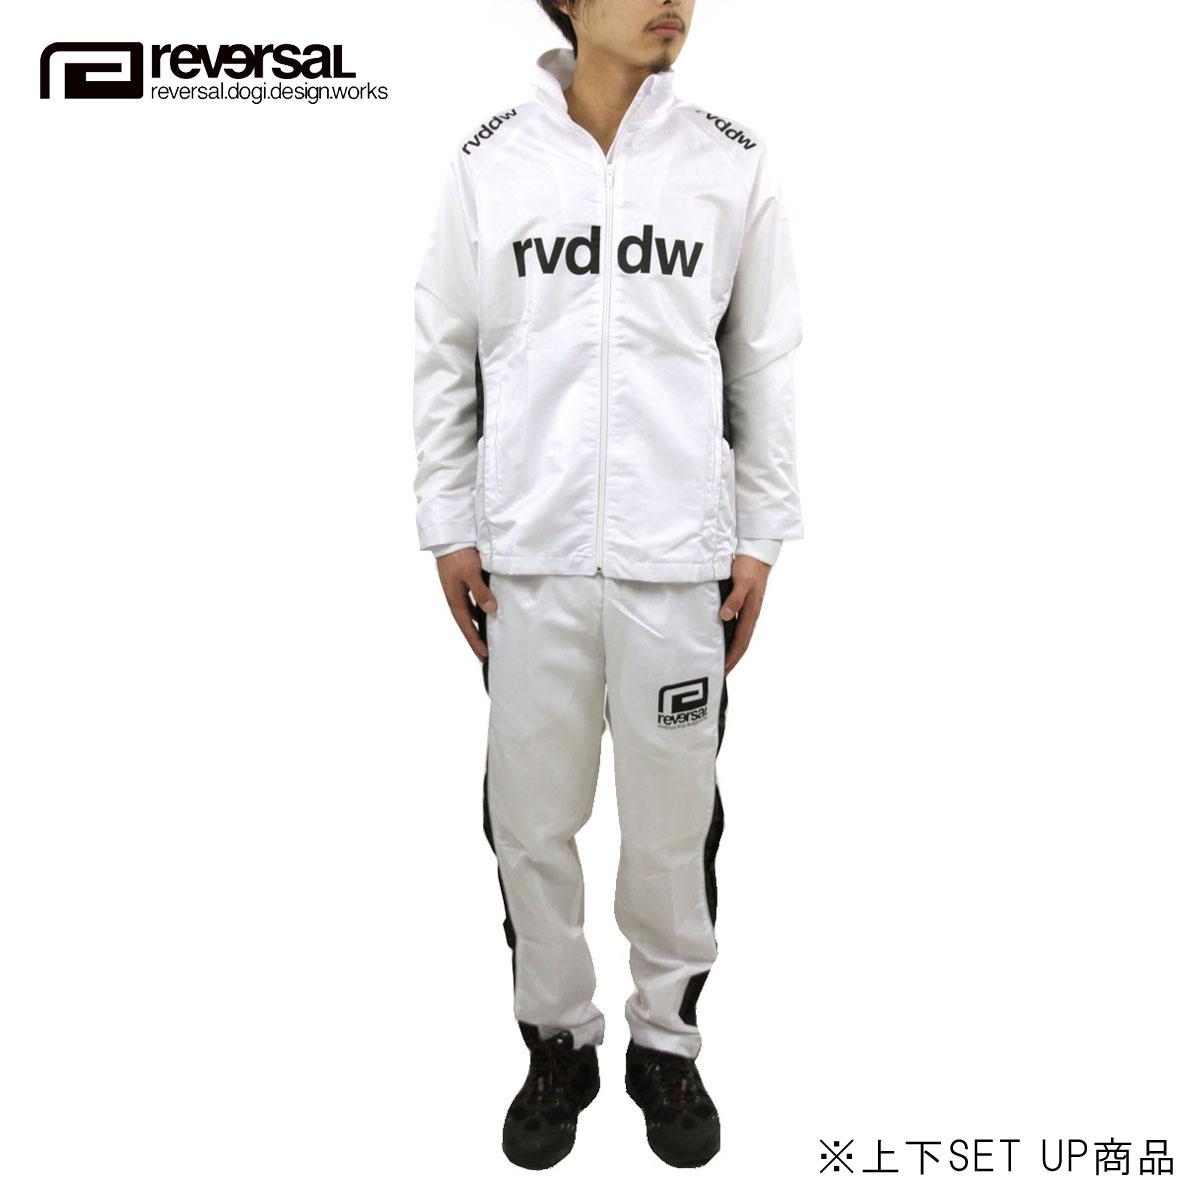 リバーサル REVERSAL 正規販売店 メンズ ジャージー セット SIDE PIPING LINE WINDBREAKER rvat14aw025 ATHLETIC D20S30